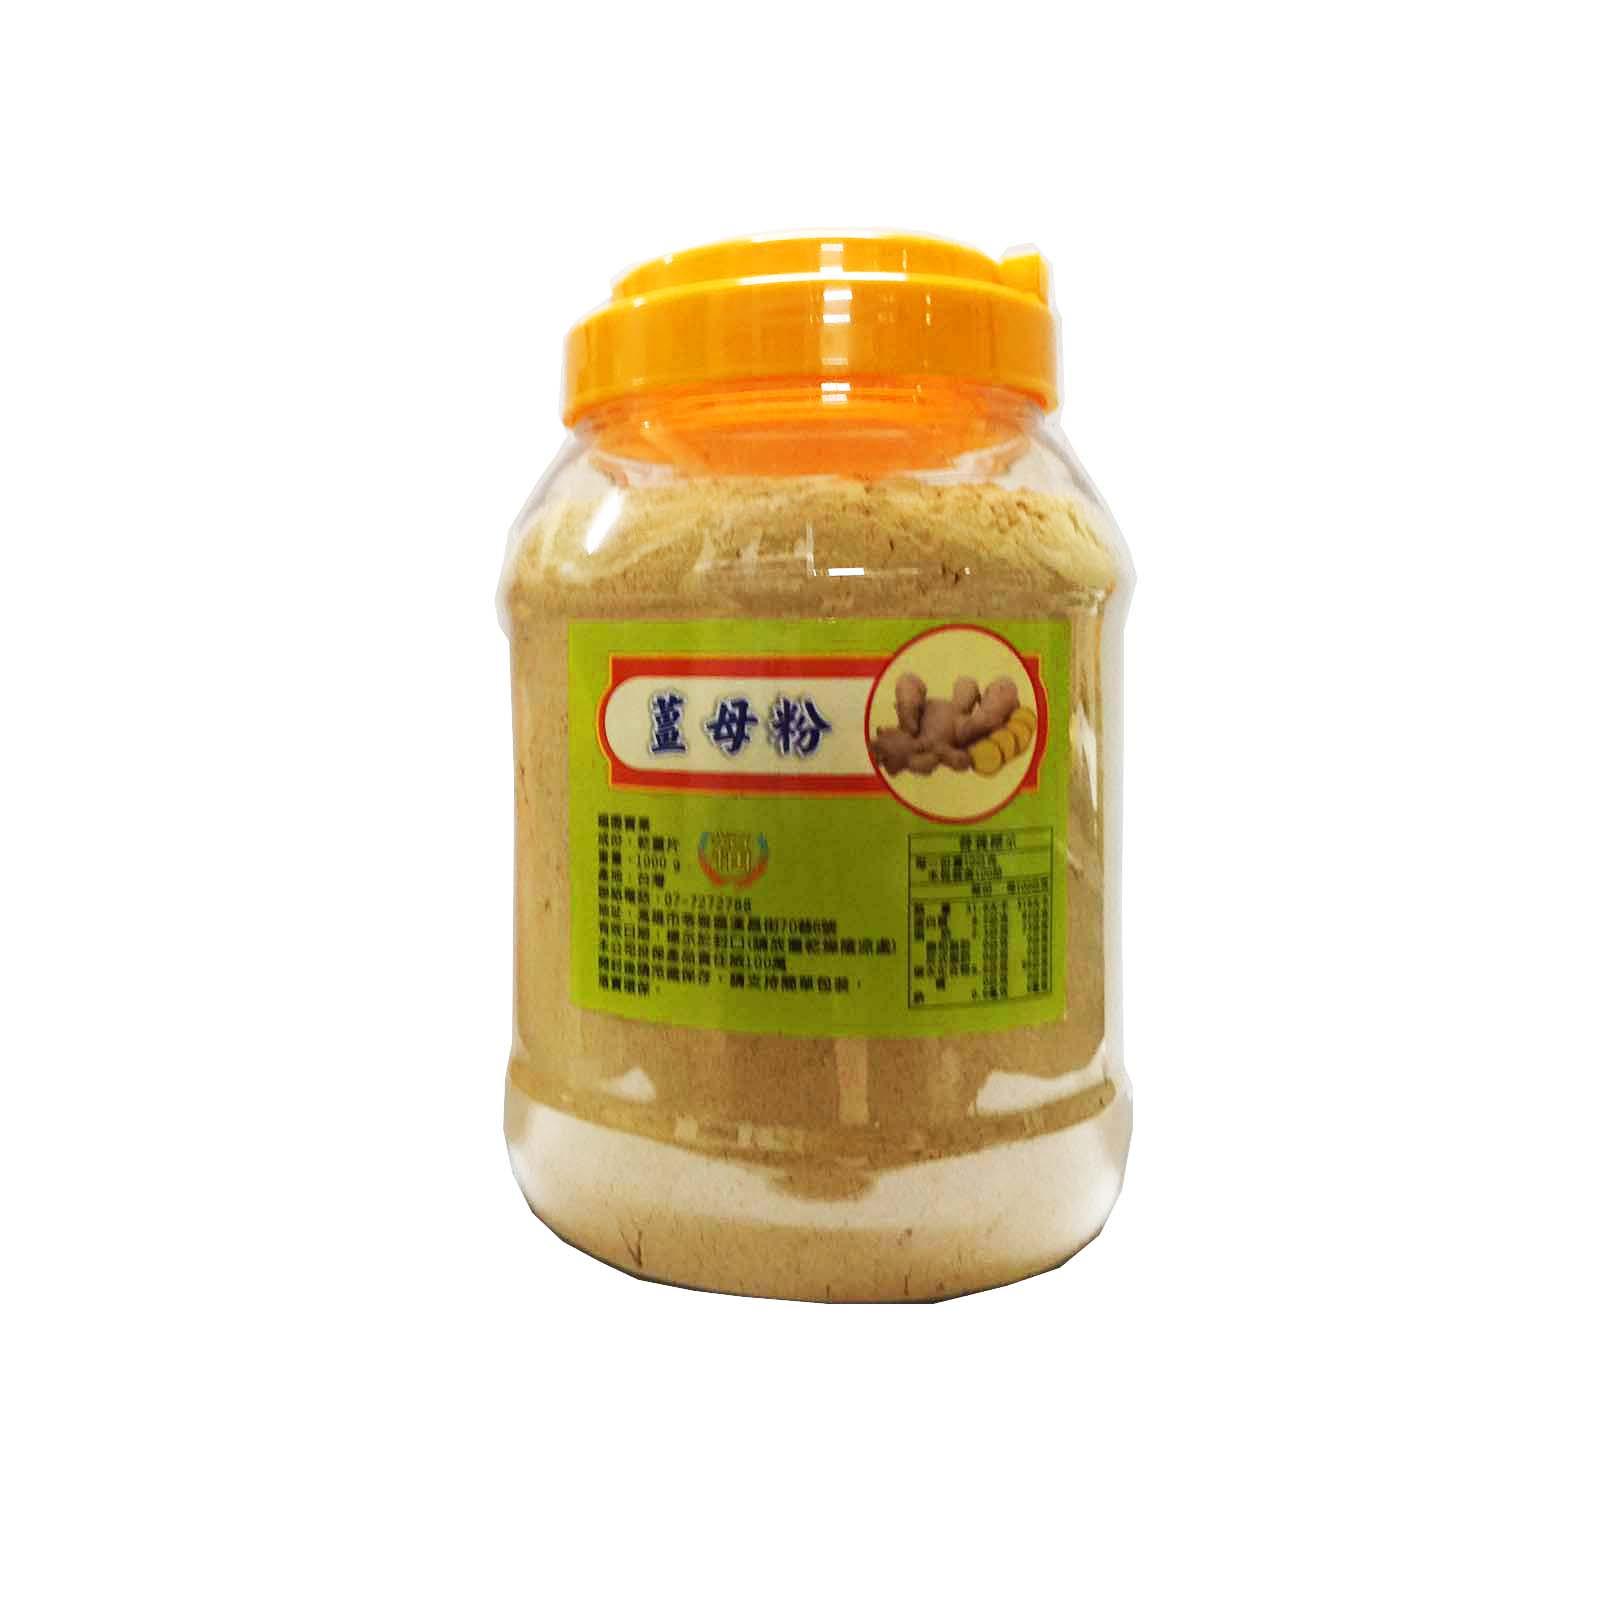 福園 100%純薑母粉 500g裝